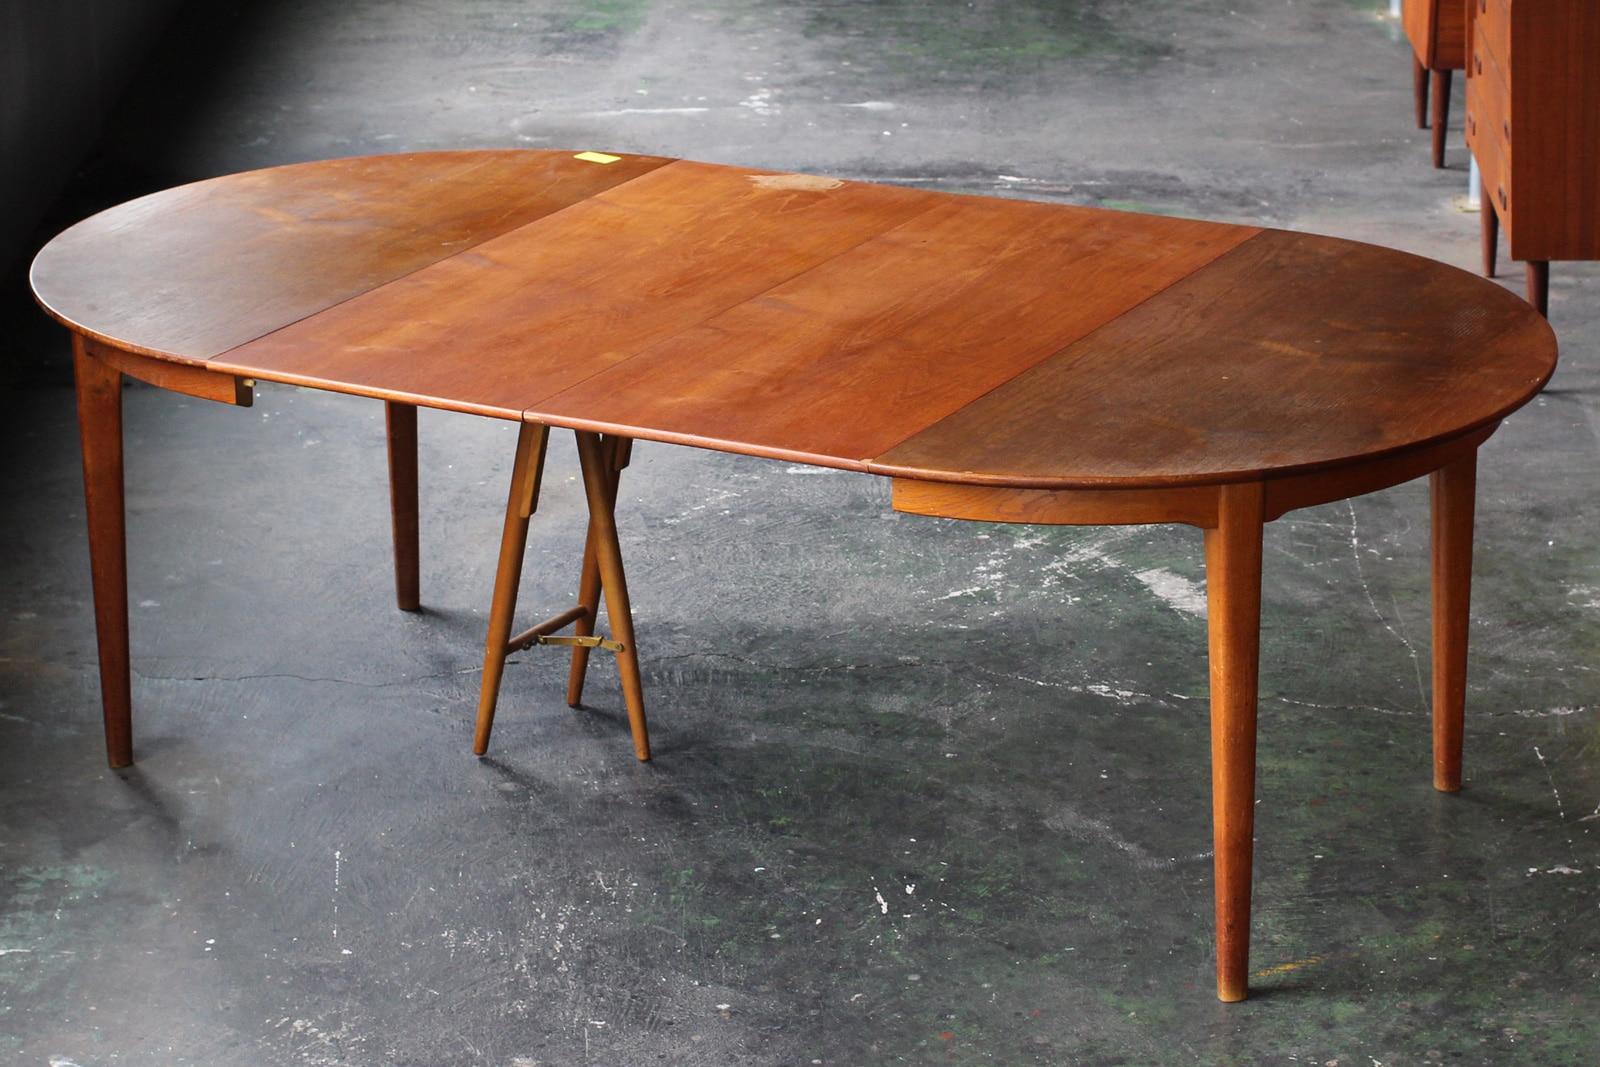 ヴィンテージ,北欧,家具,ダイニングテーブル,丸型,幅124.5cm